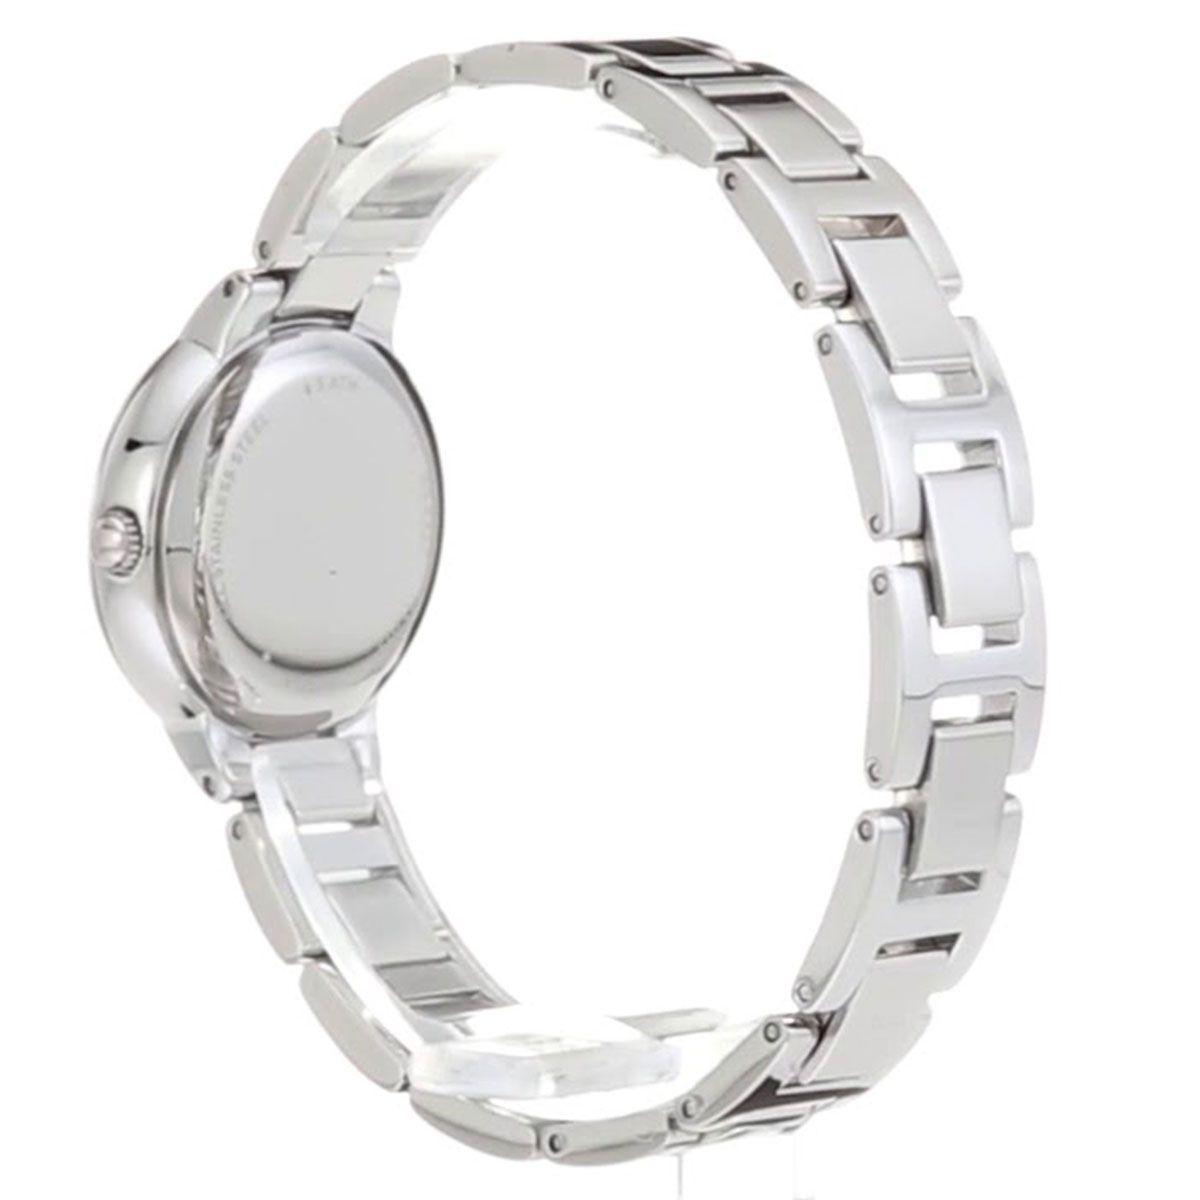 ساعت مچی عقربه ای زنانه فسیل مدل ES4327 -  - 1